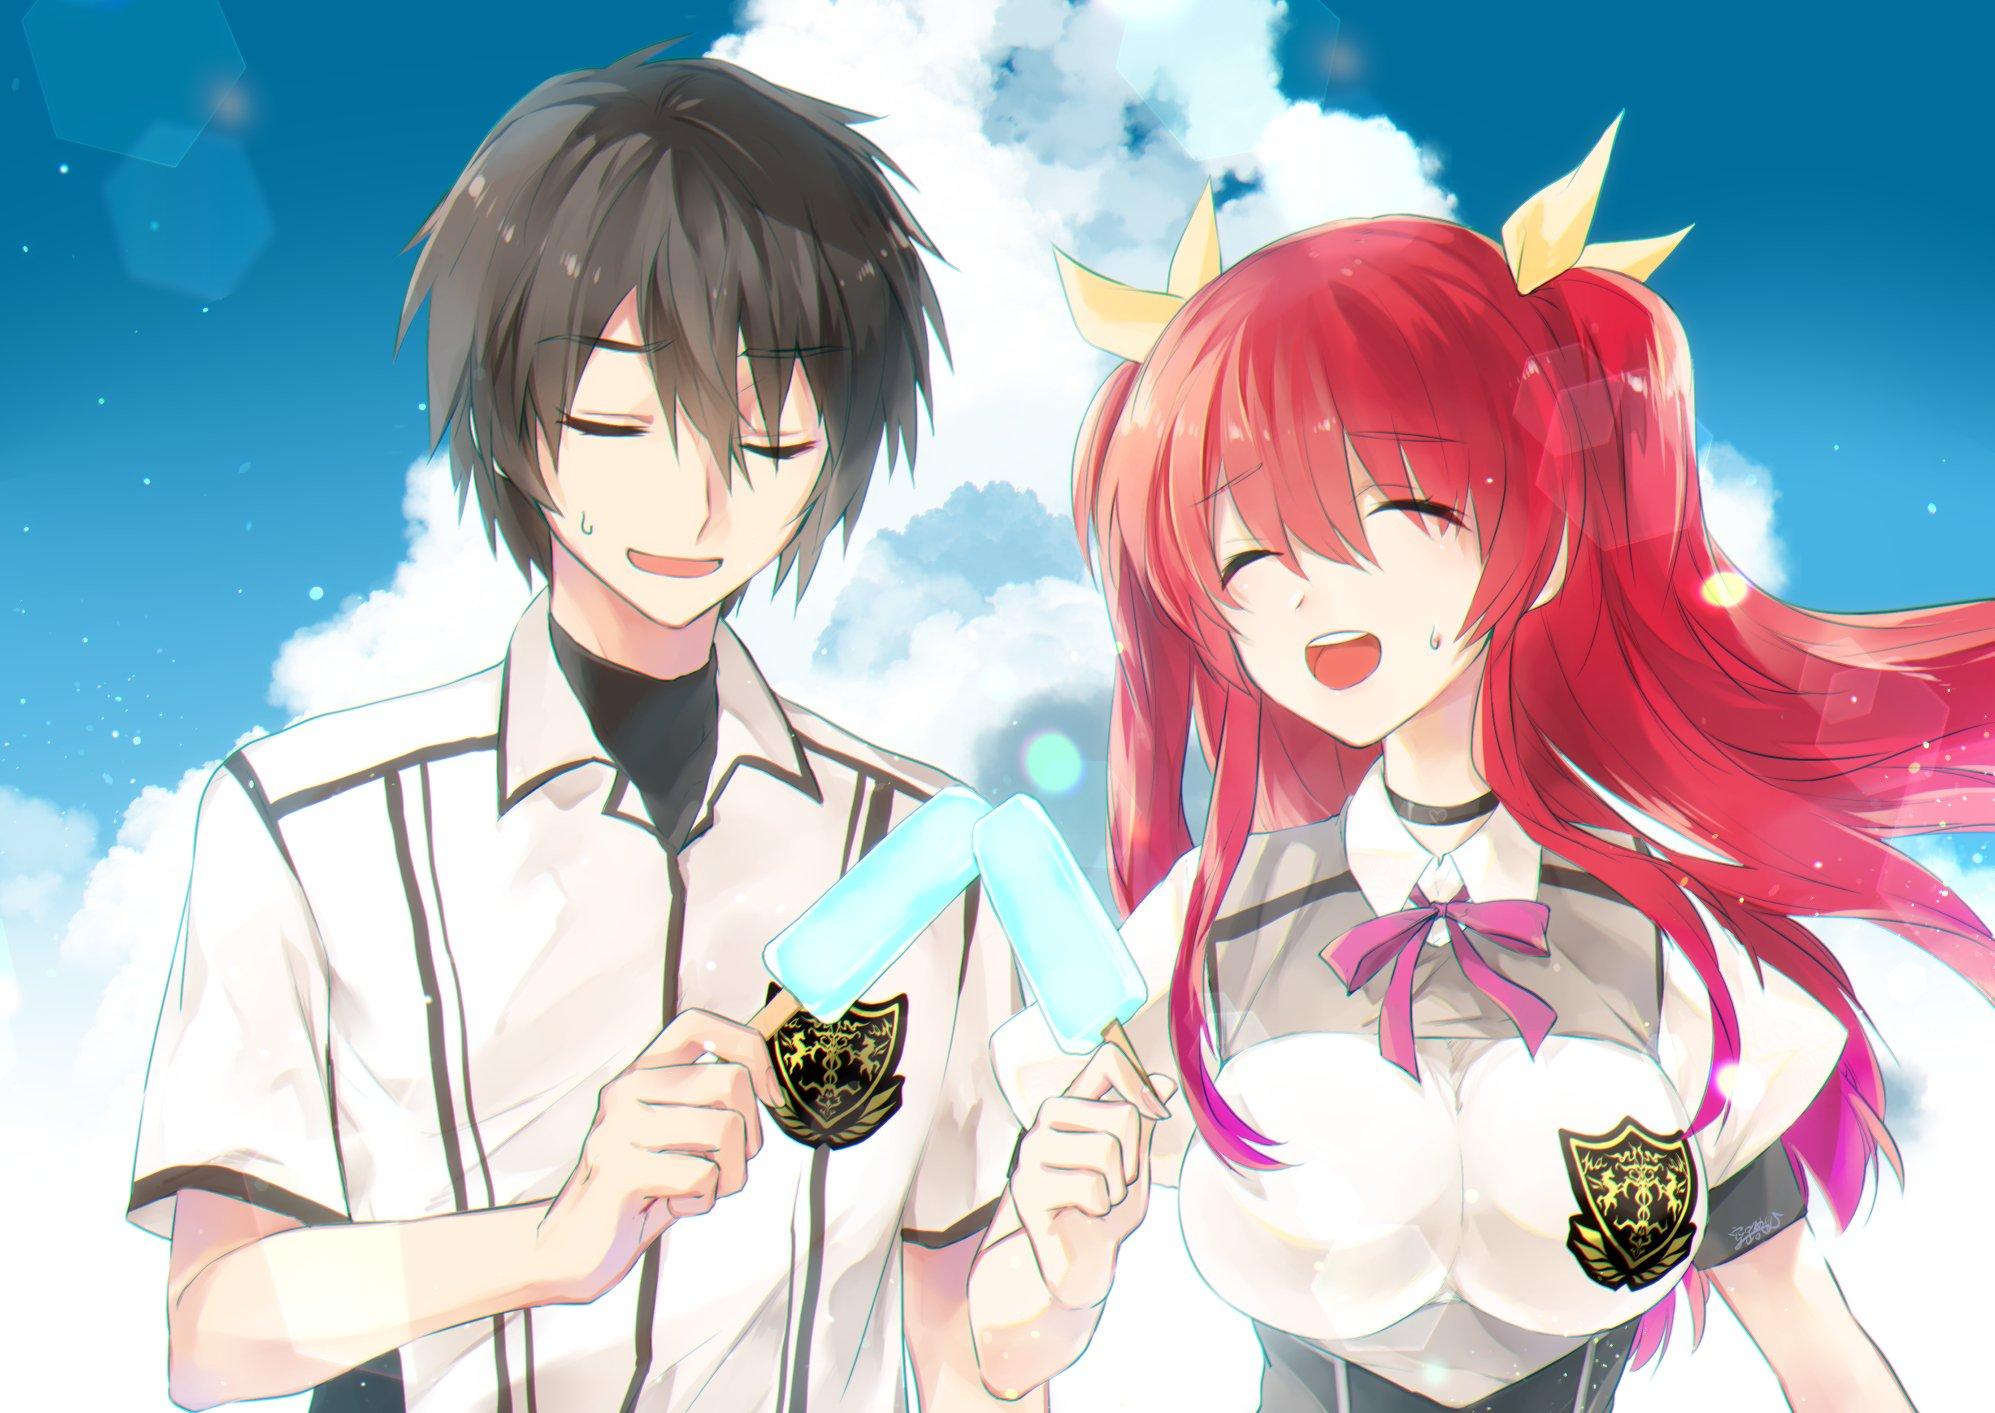 Light Novel de Rakudai Kishi entra no Último Arco